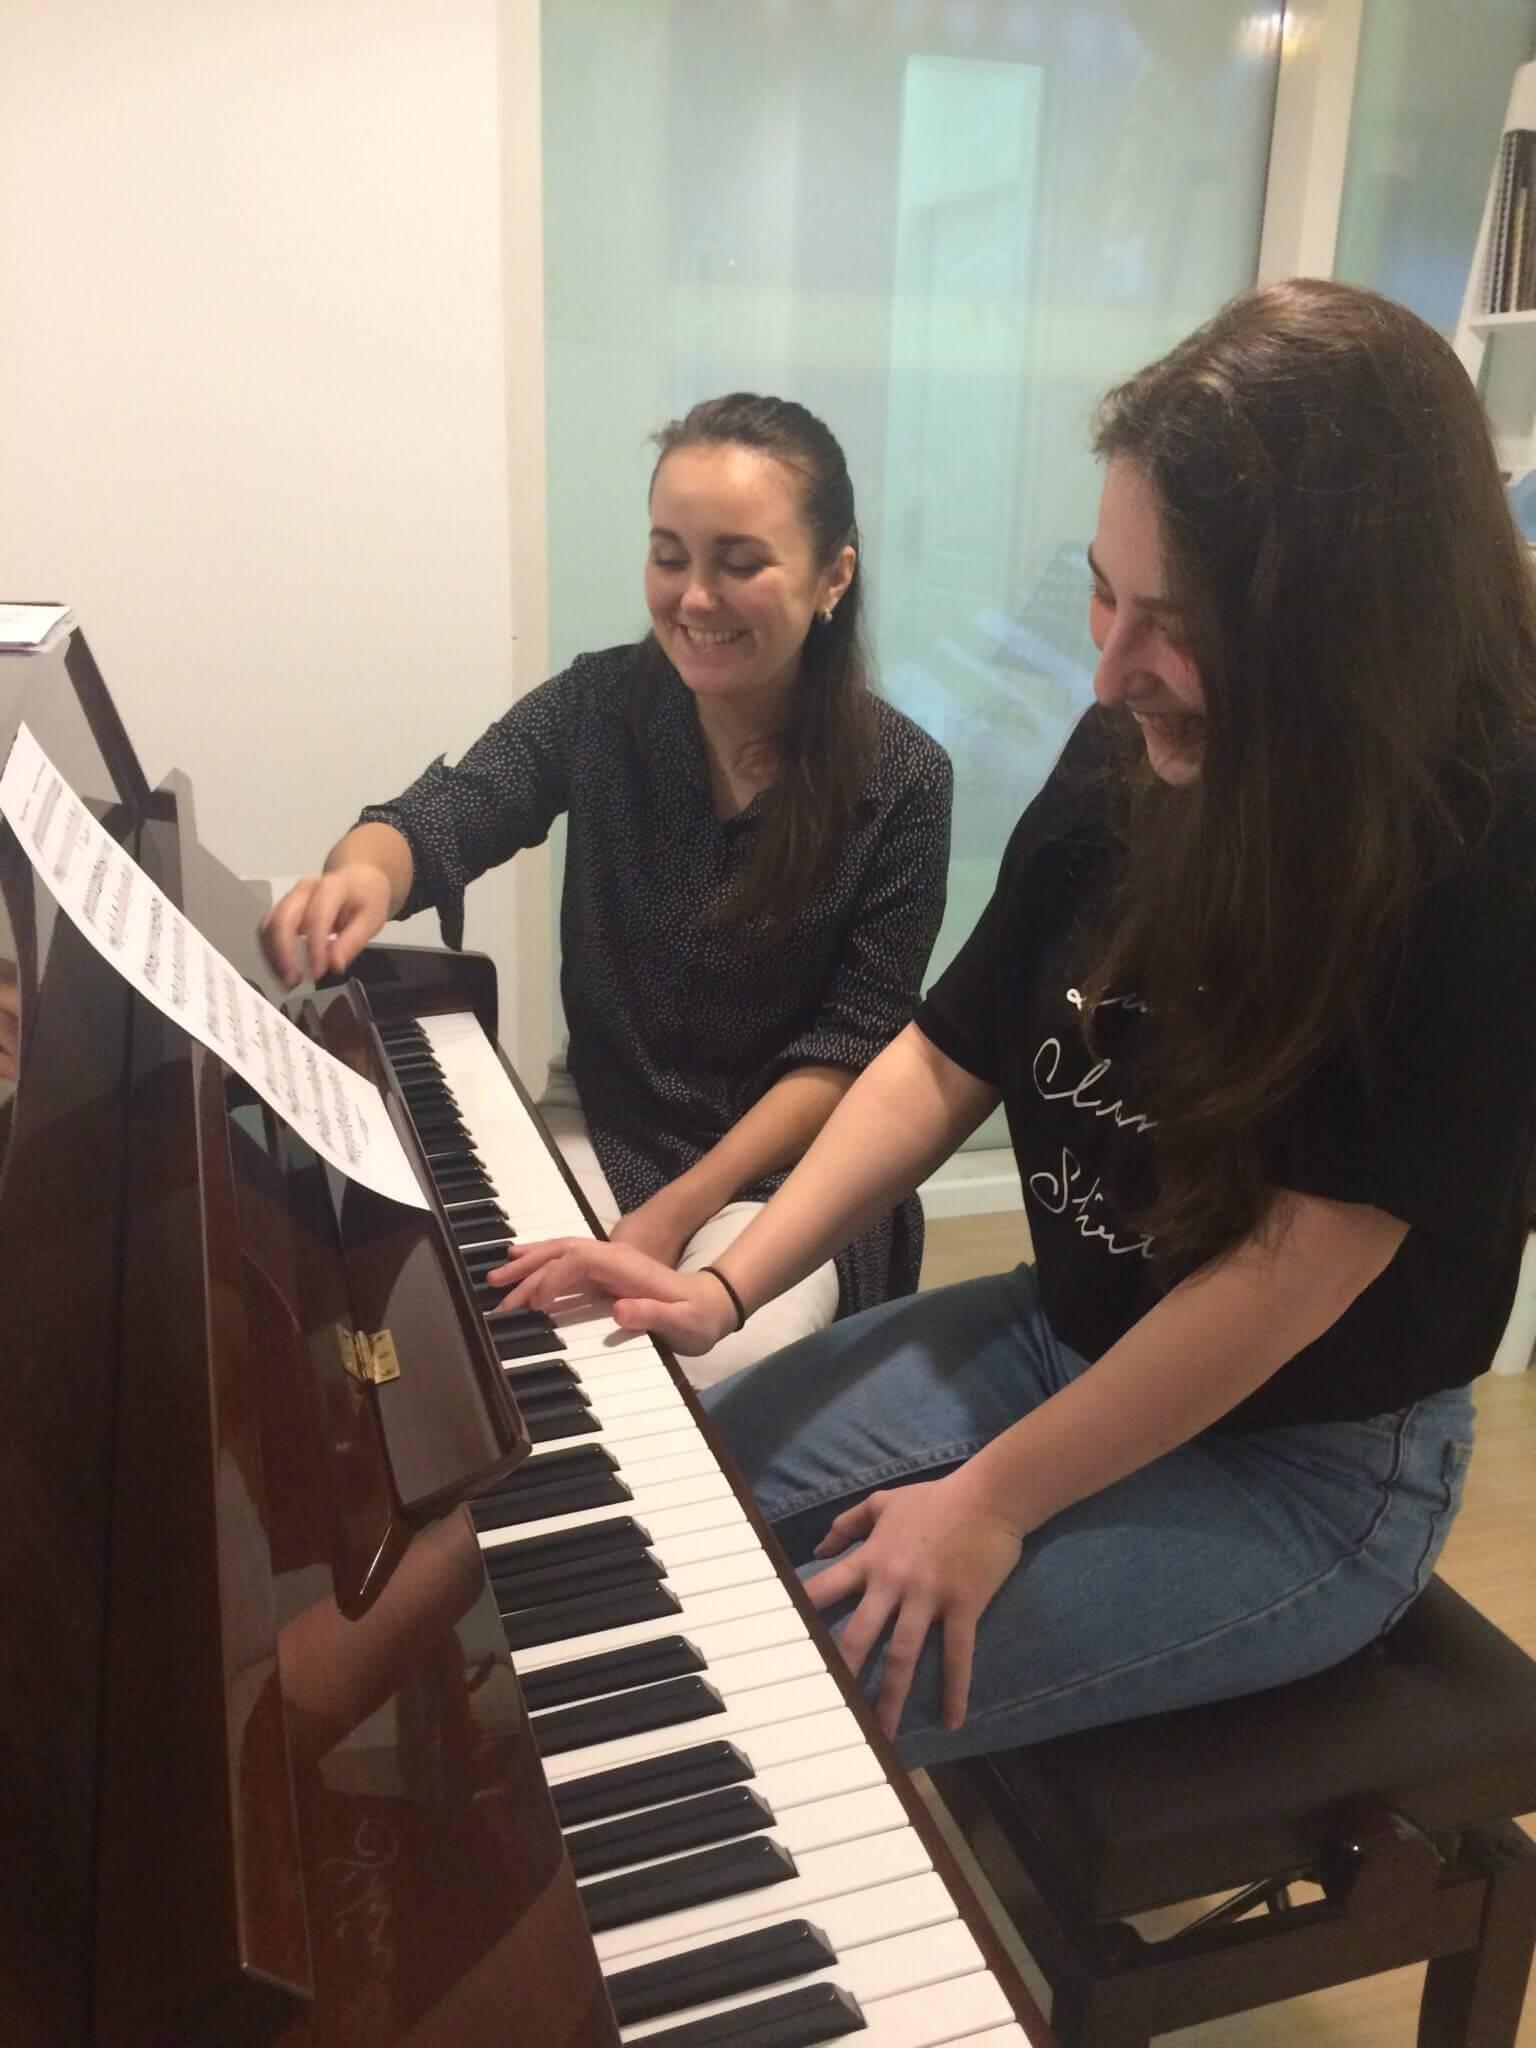 piano lessons dubai melodica wasl road